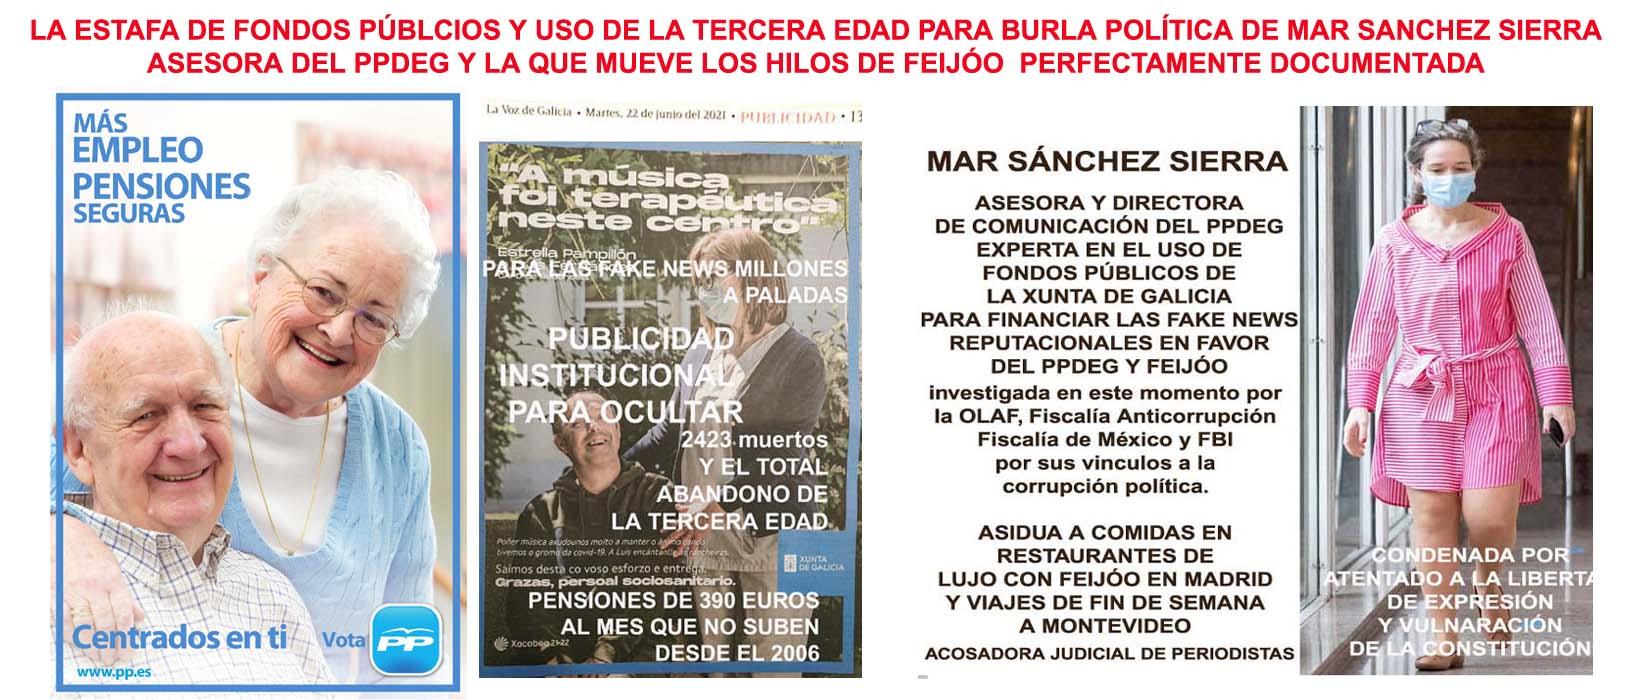 Mostramos la gran estafa y burla de Mar Sánchez Sierra utilizando los  ancianos como marketing reputacional del PPdeG con fondos públicos. - Xornal  Galicia   Xornal Galicia